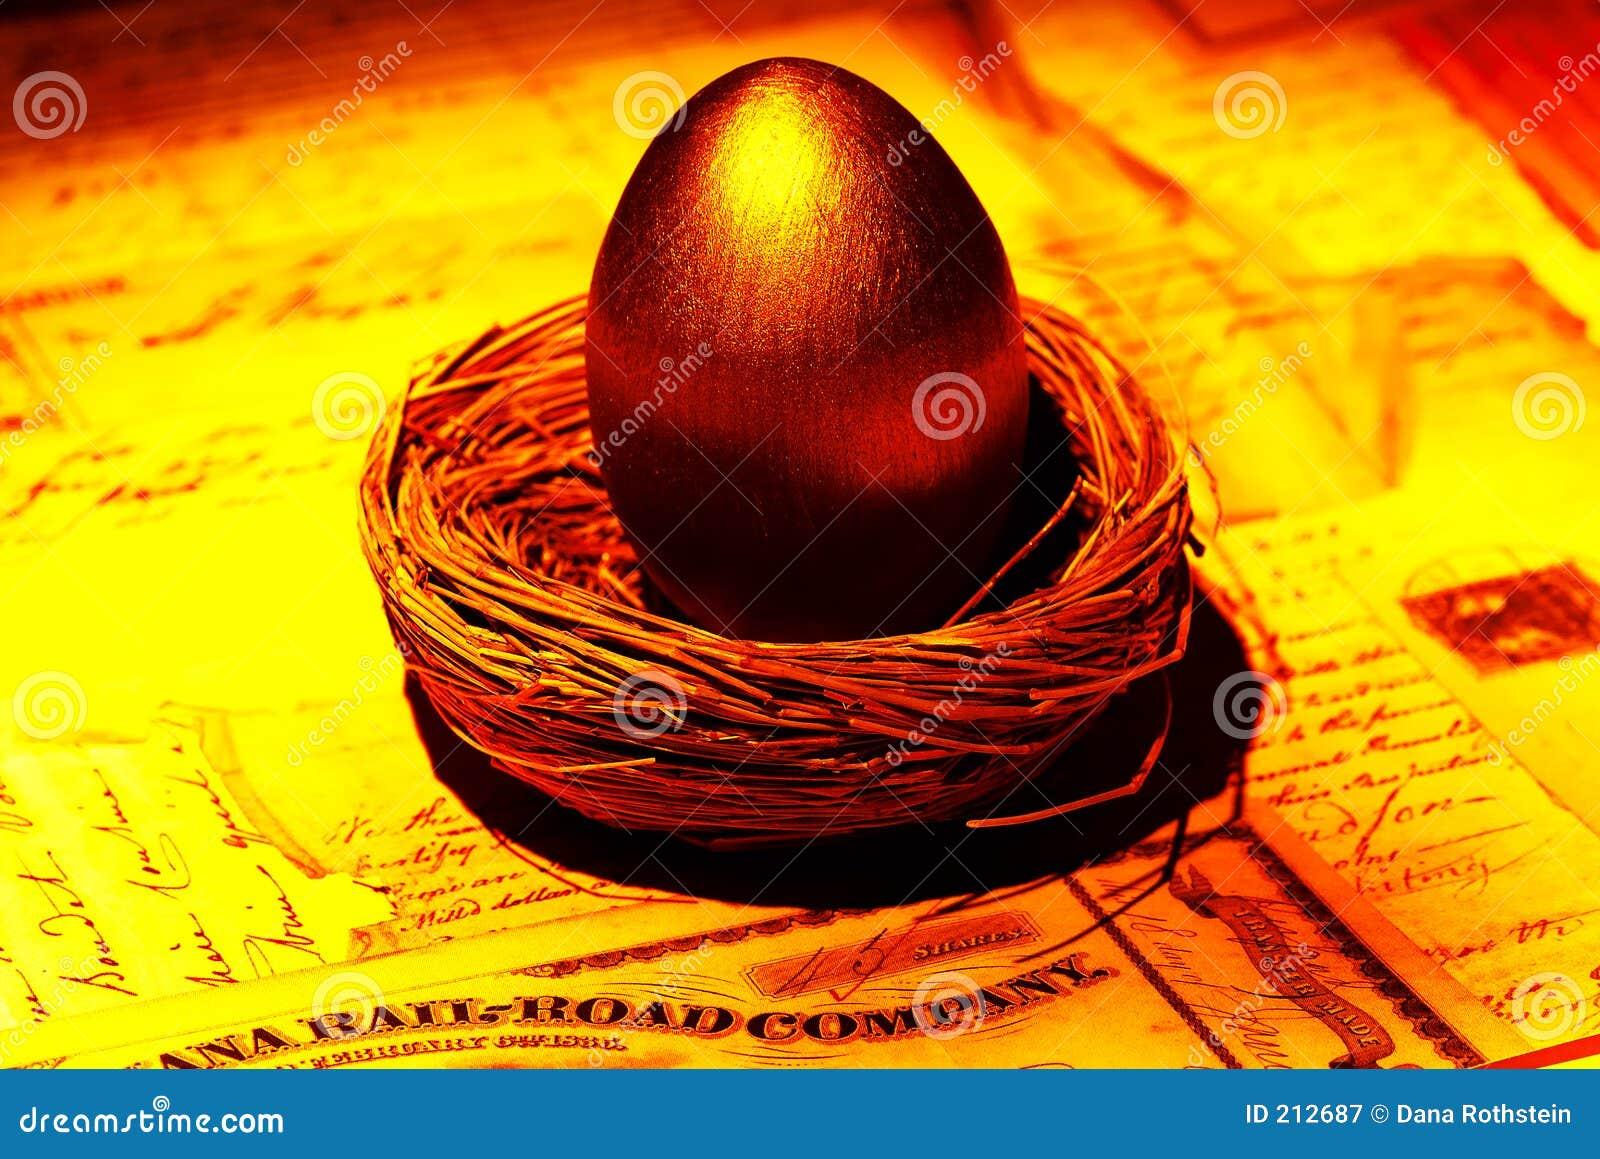 Uovo di nido dorato